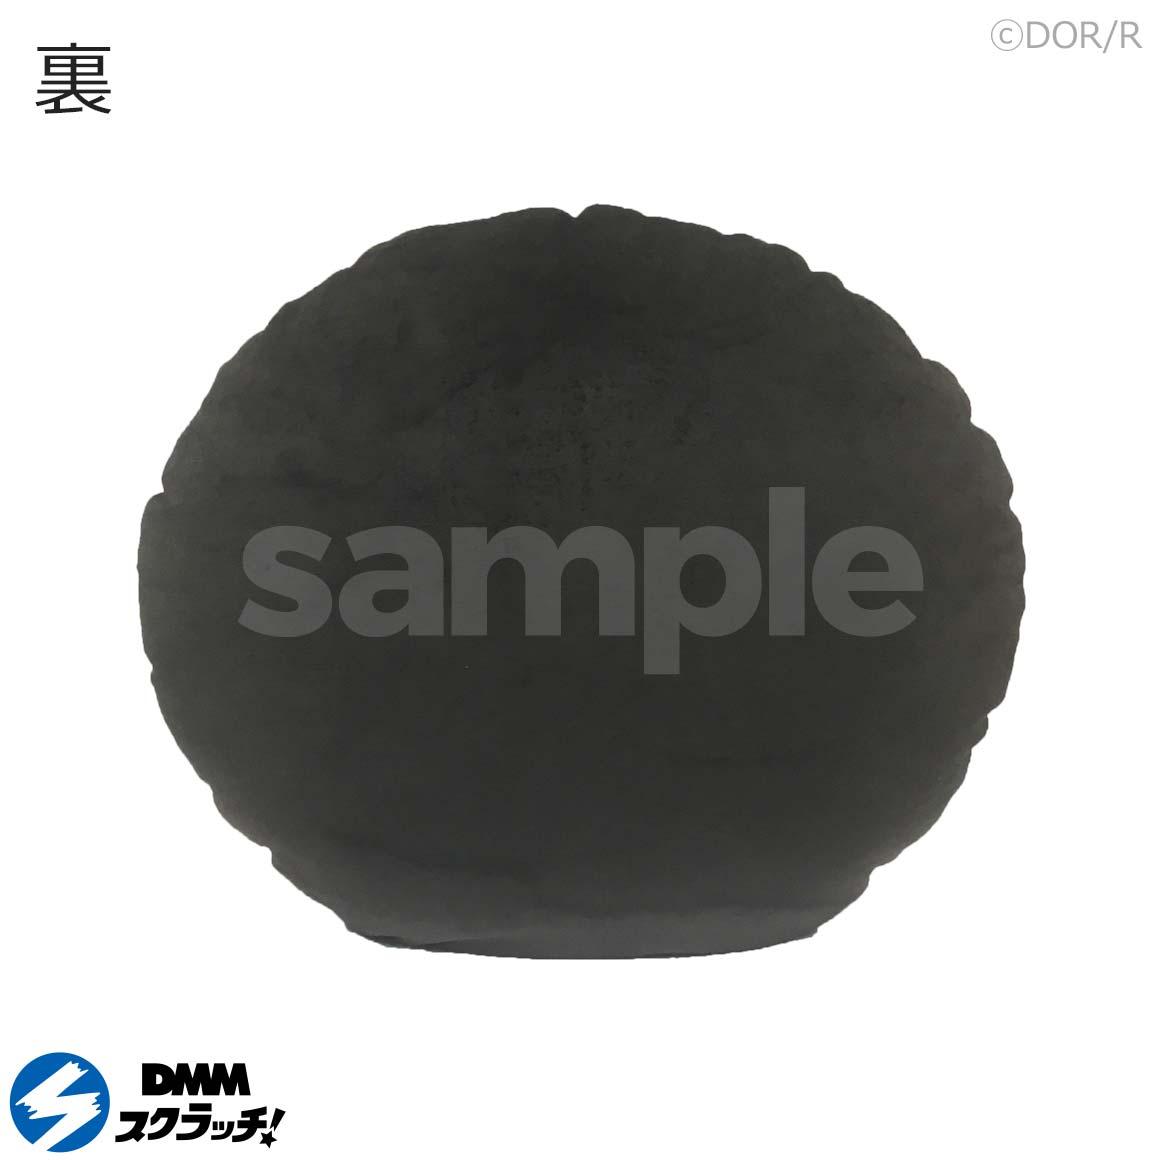 A-1商品詳細画像2